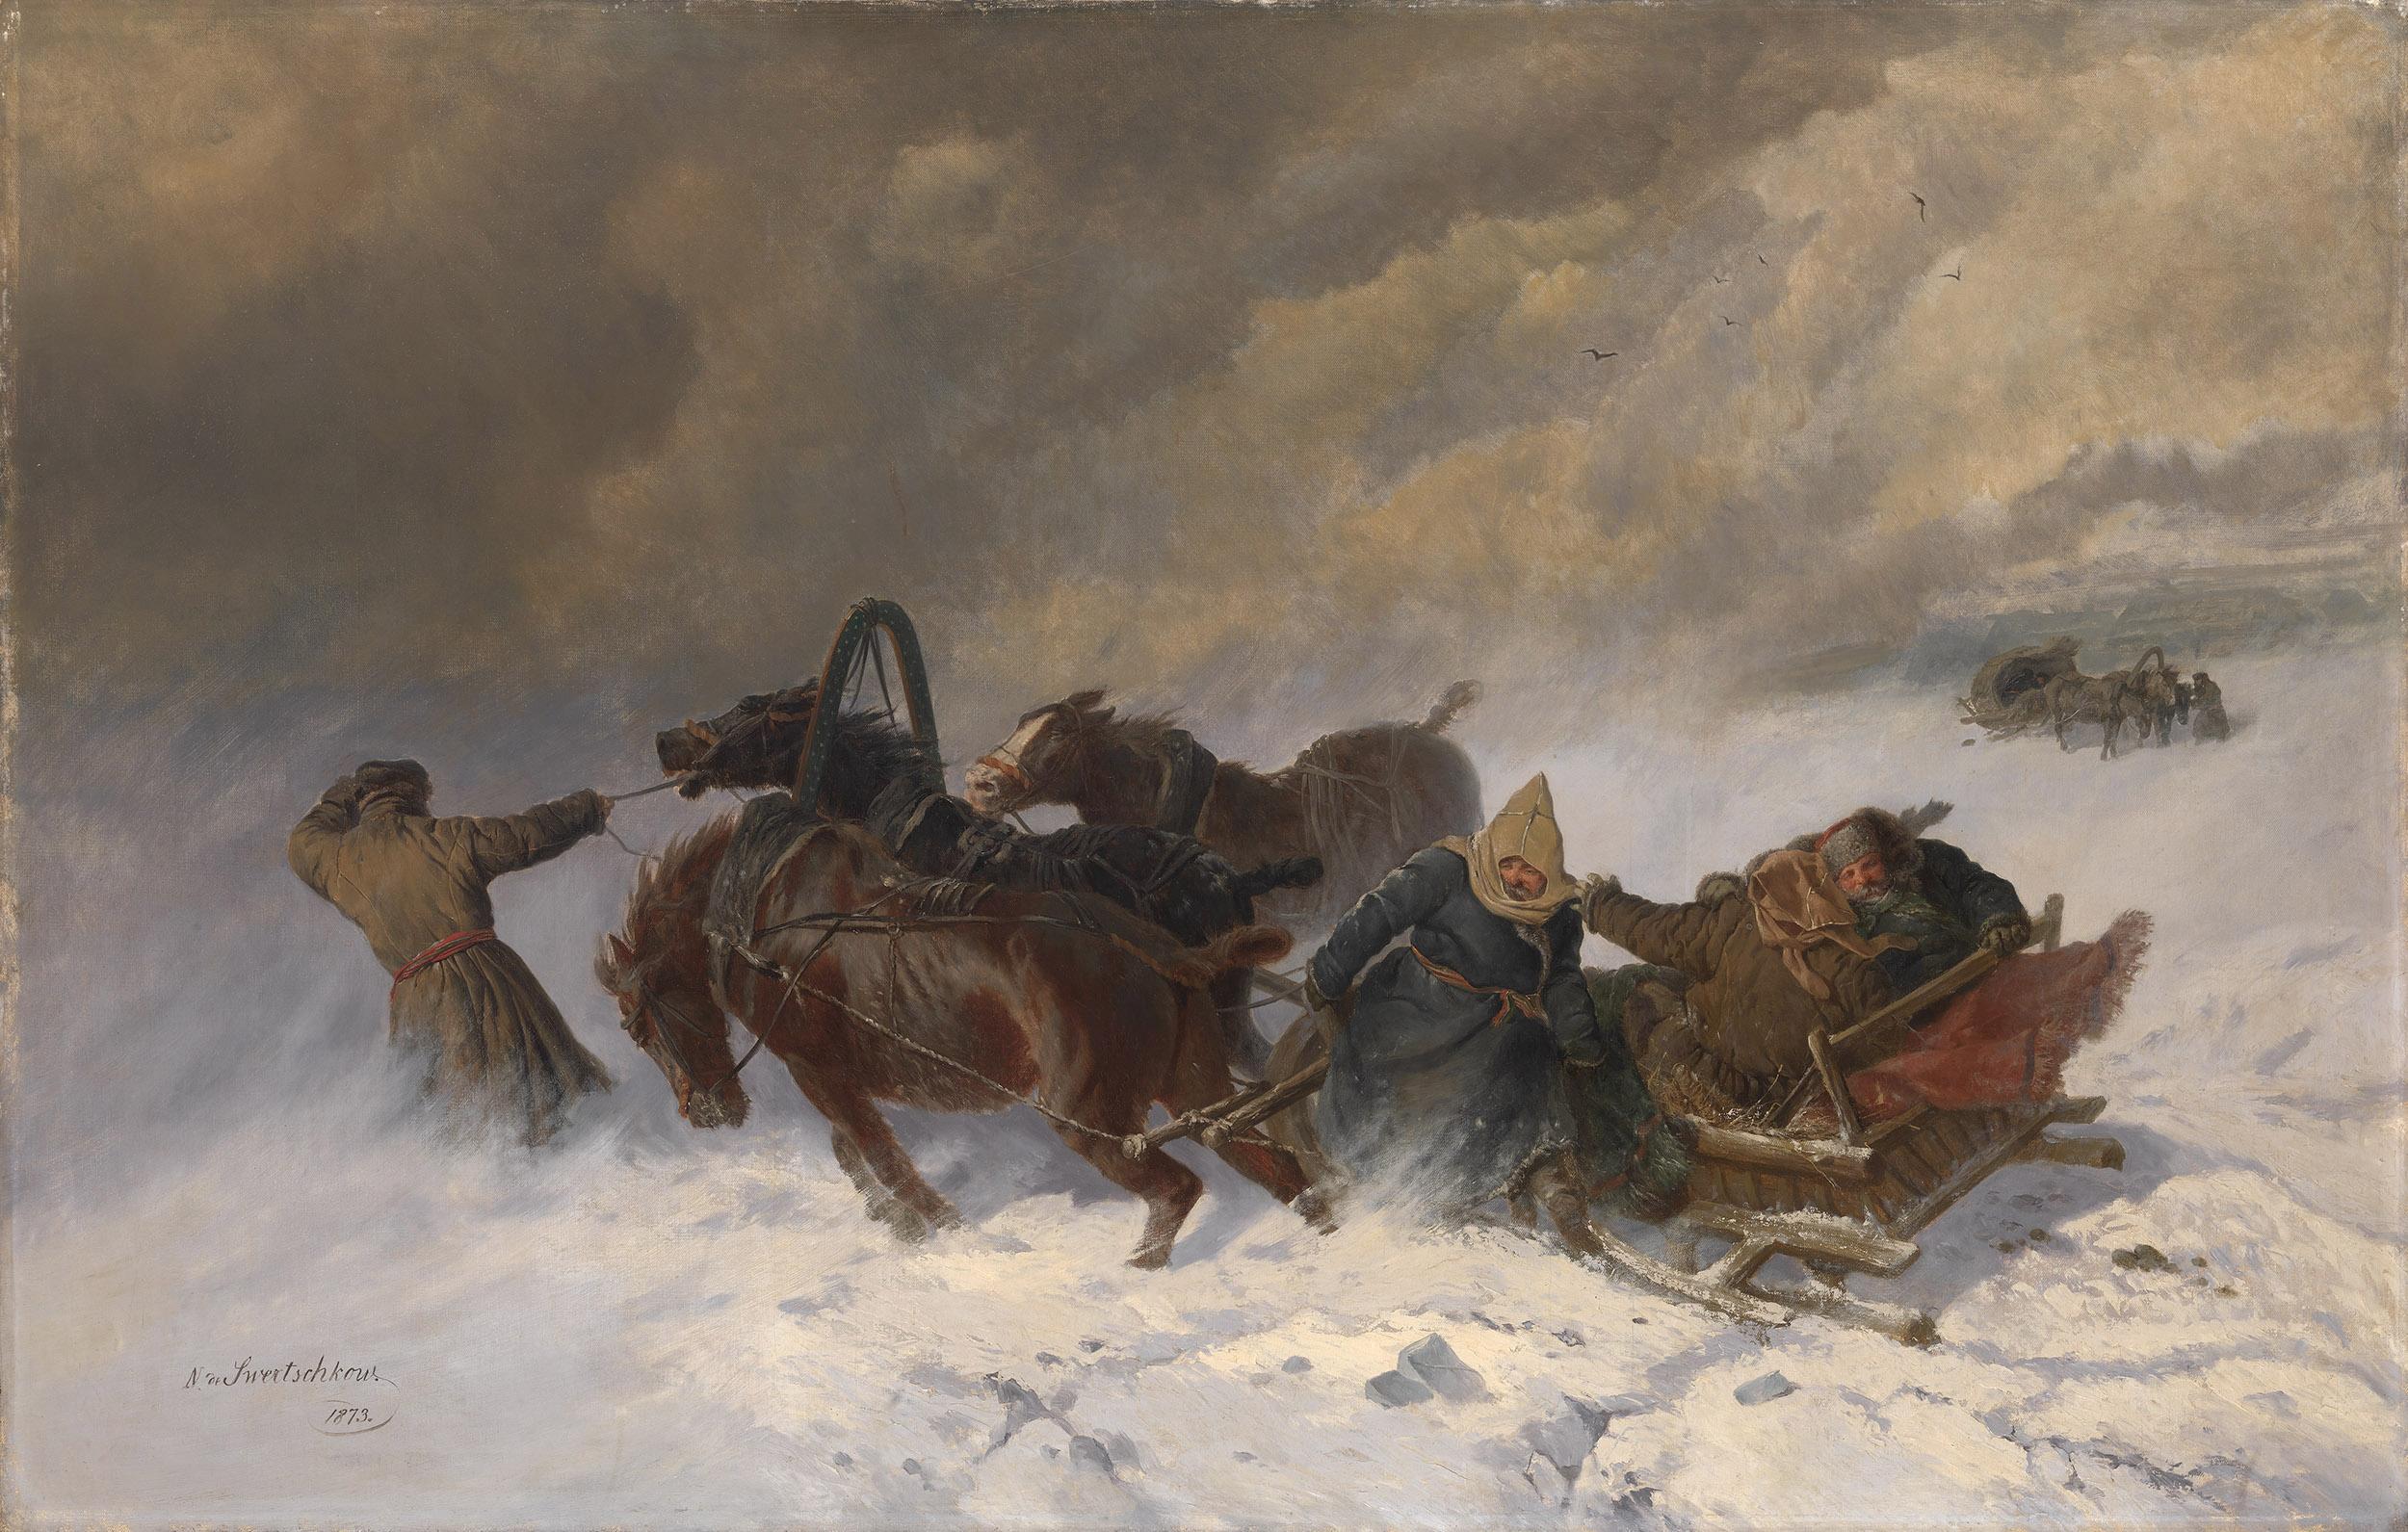 SVERCHKOV, NIKOLAI Into the Blizzard